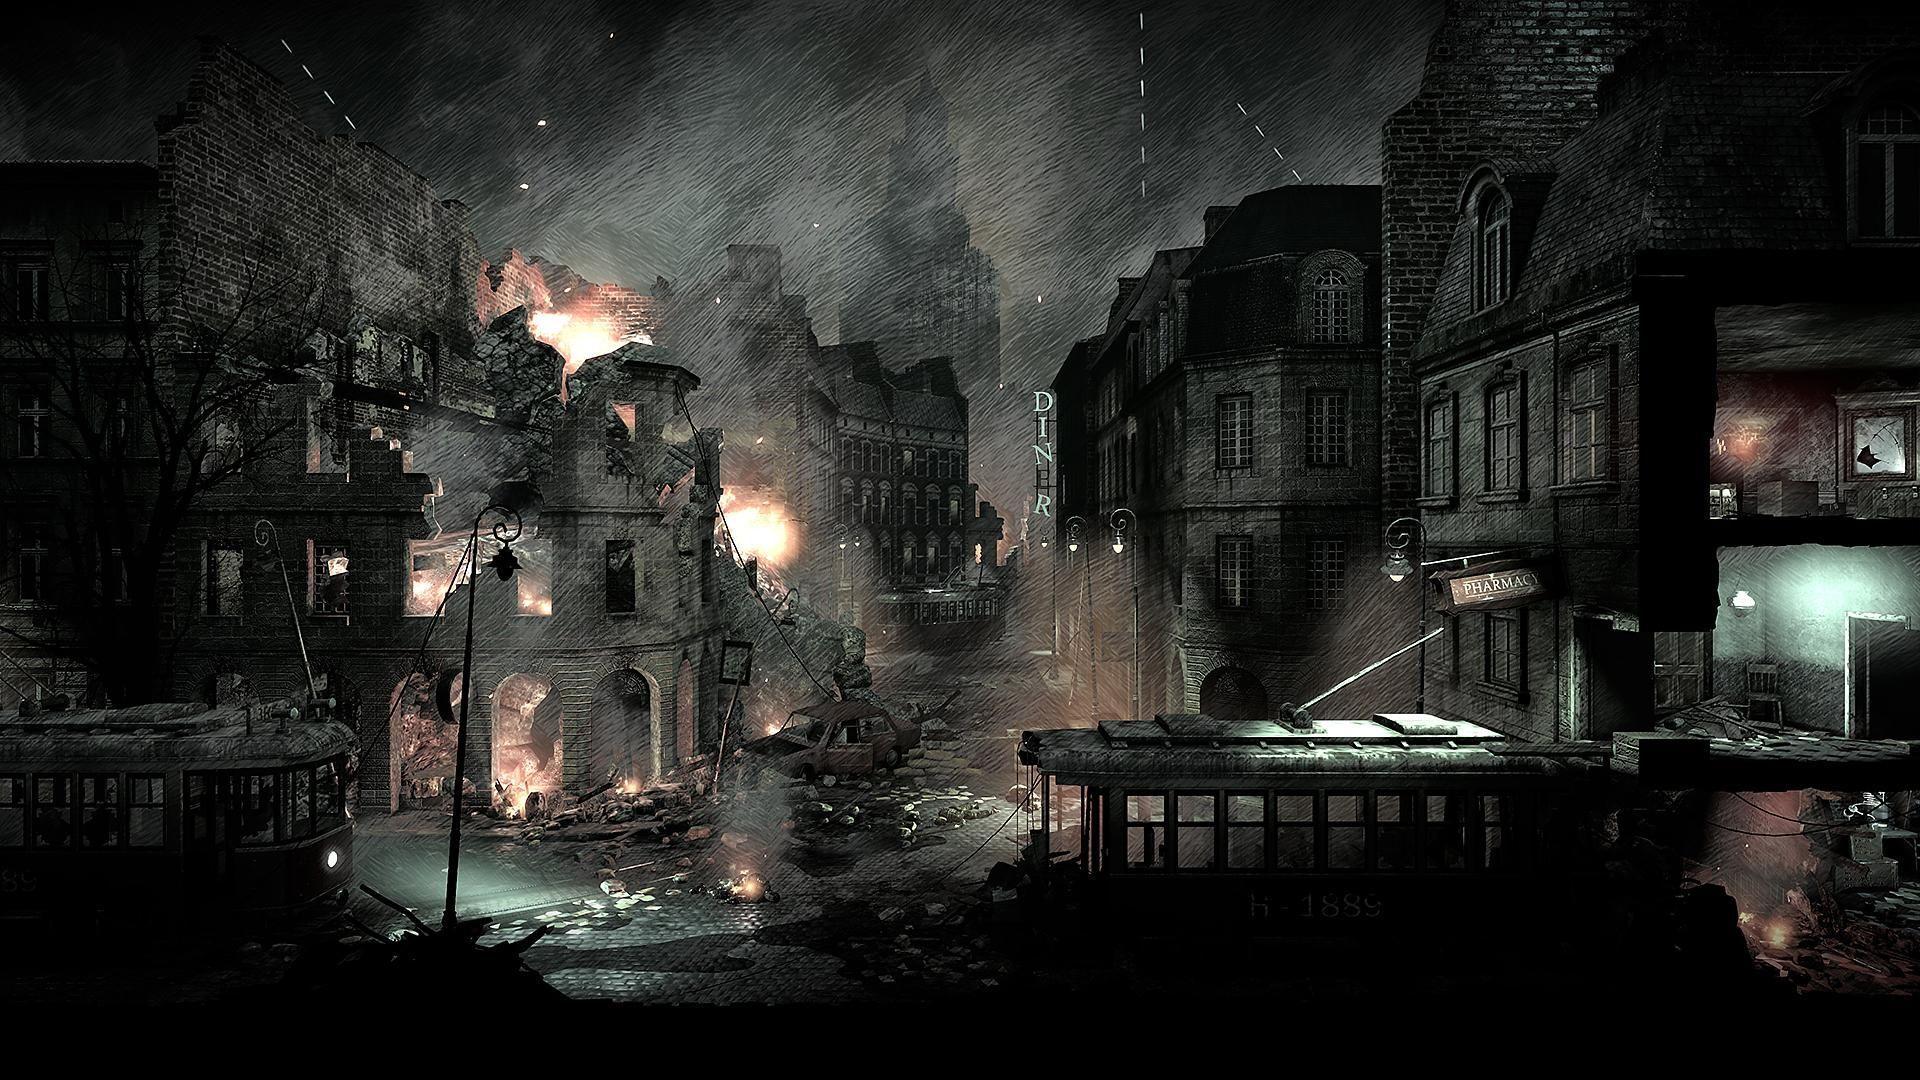 这是我的战争:故事 - 父亲的承诺(This War of Mine)  游戏截图4